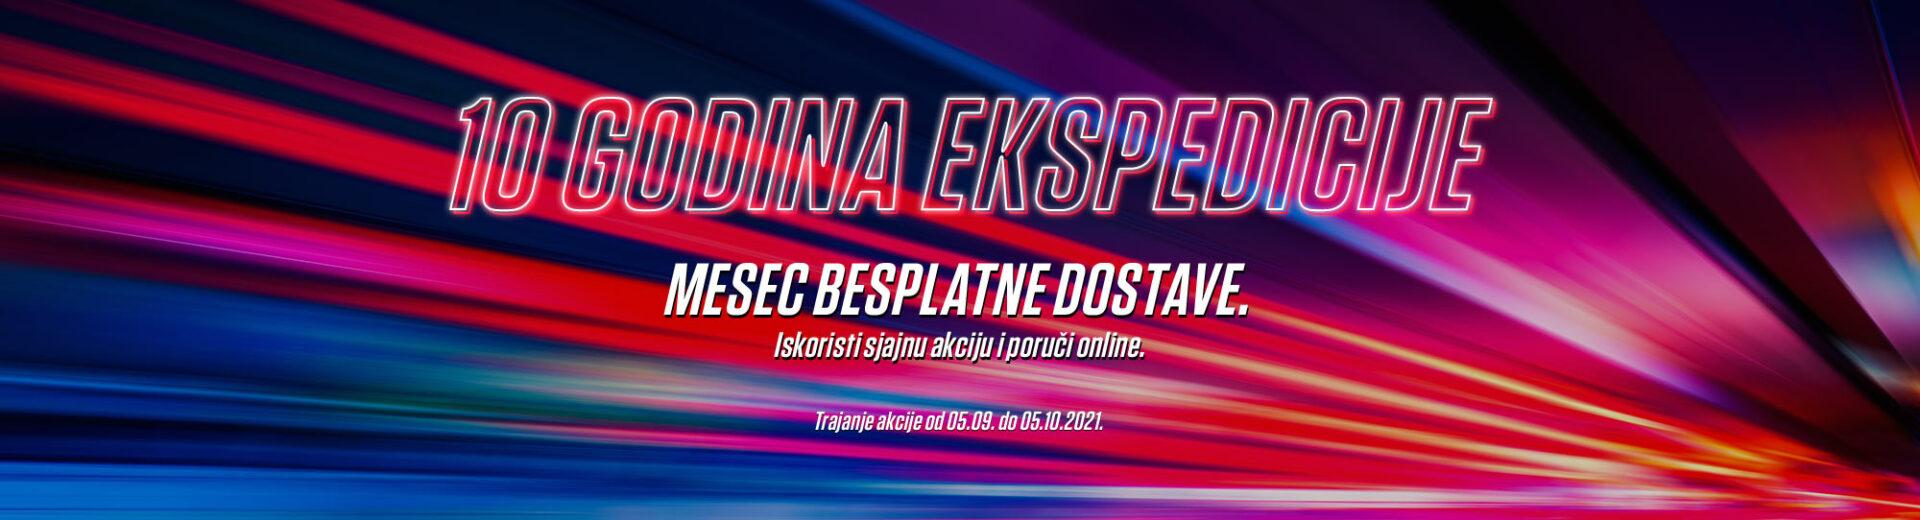 ekspedicija 10 godina desktop 02